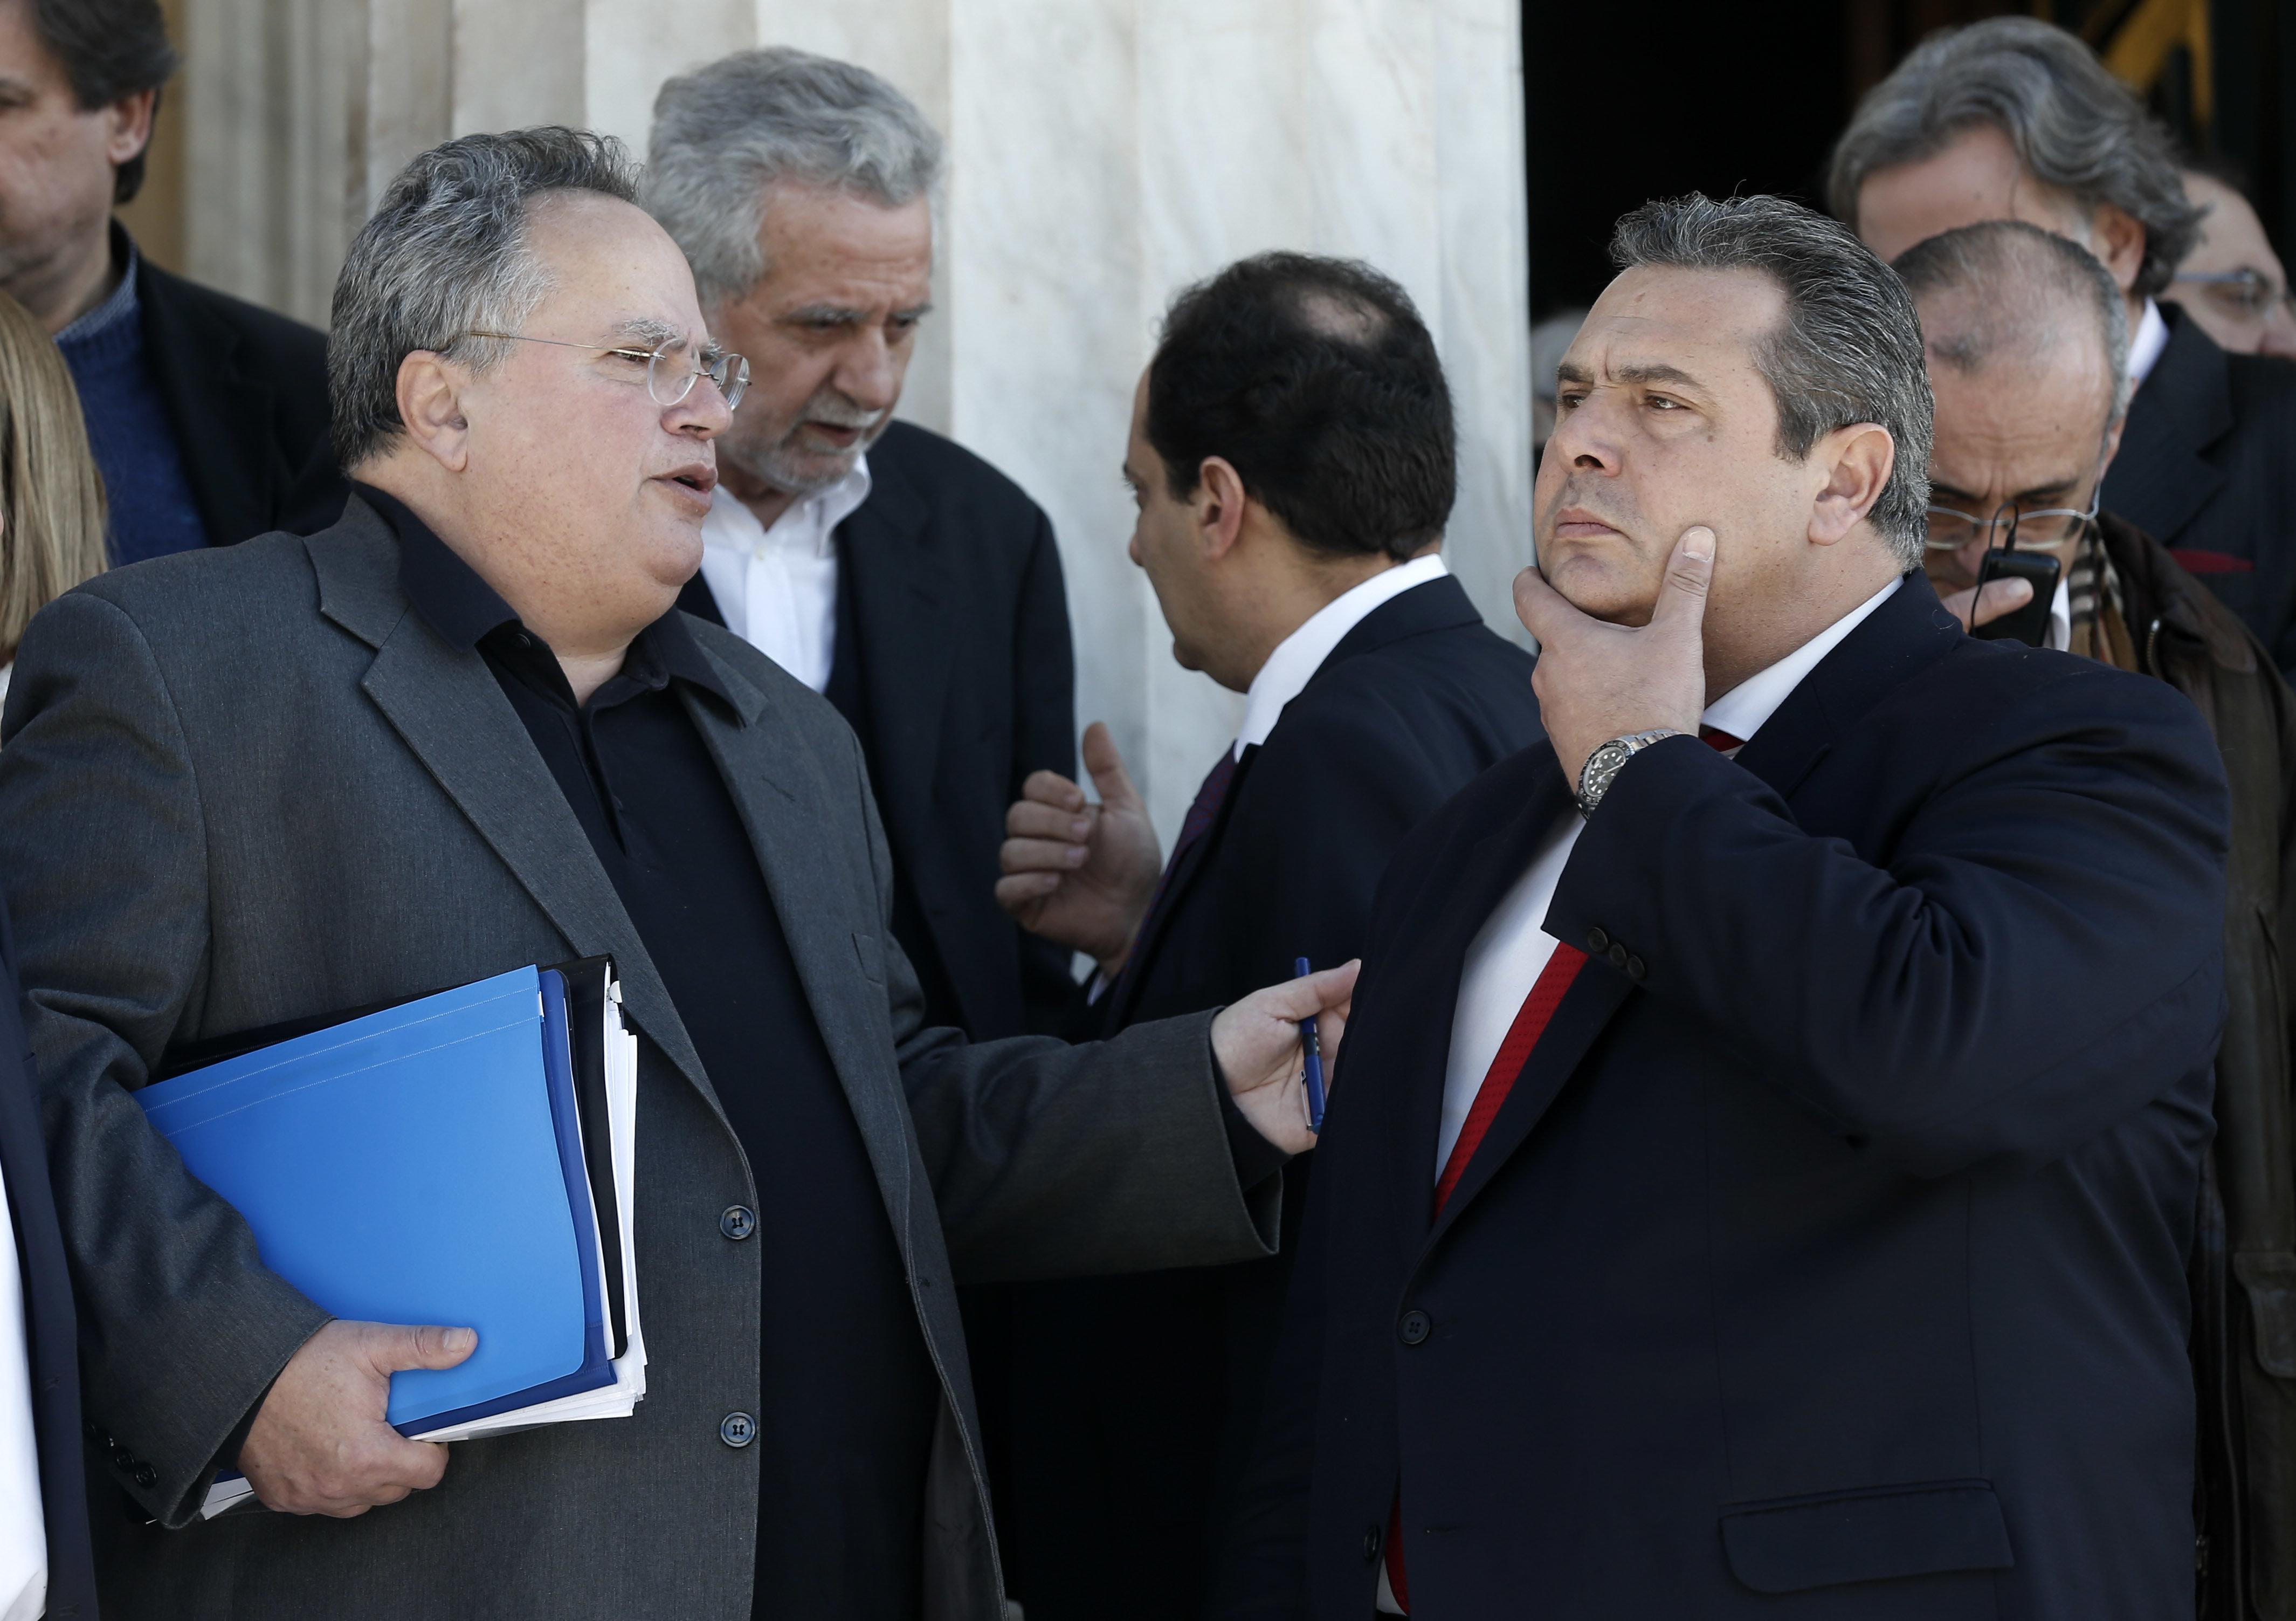 Ενα βήμα πριν από την παραίτηση ο Νίκος Κοτζιάς